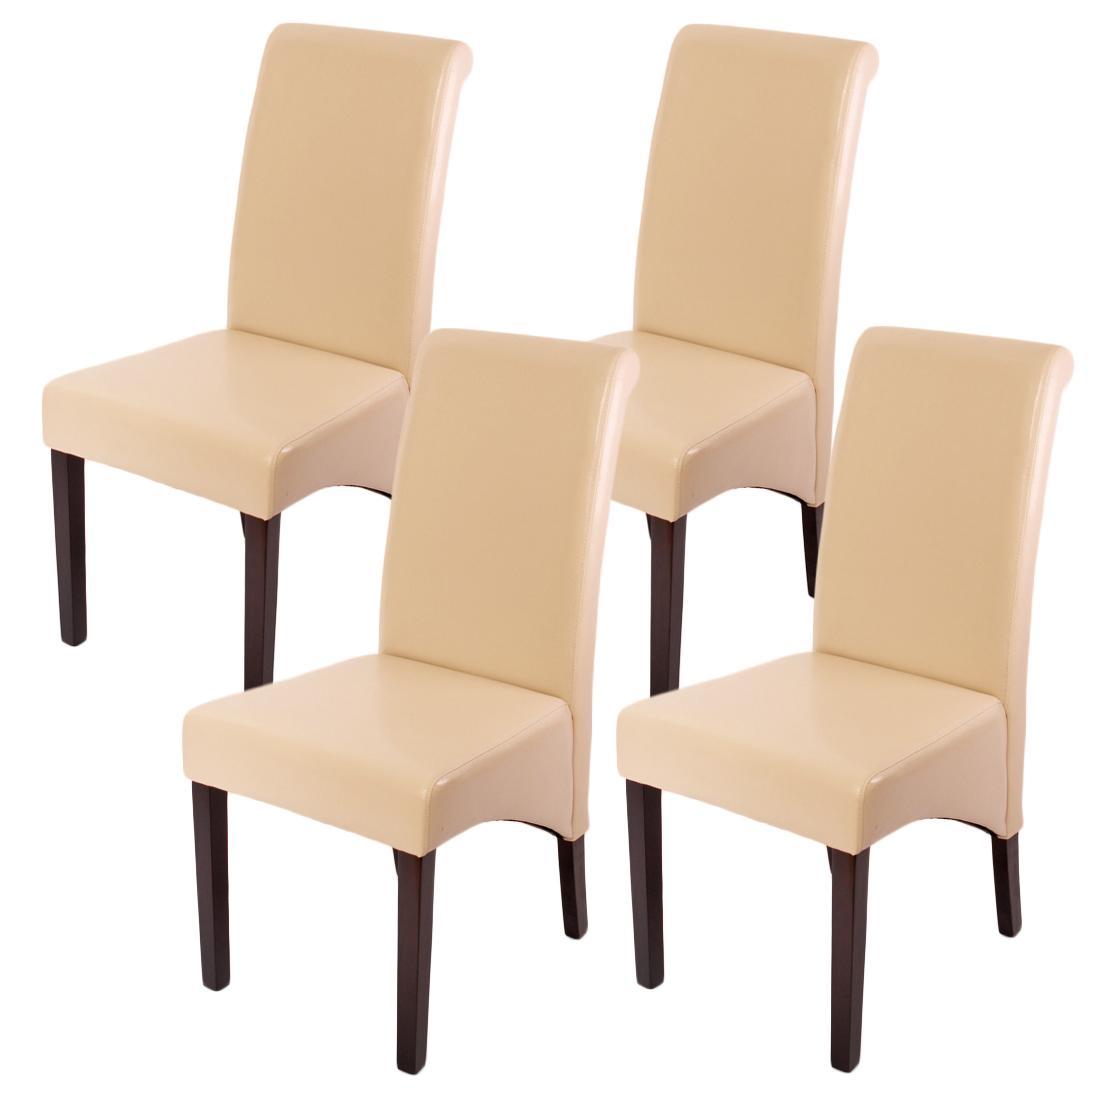 Lote de 4 sillas de comedor turin en piel crema y patas for Sillas de comedor de cuero